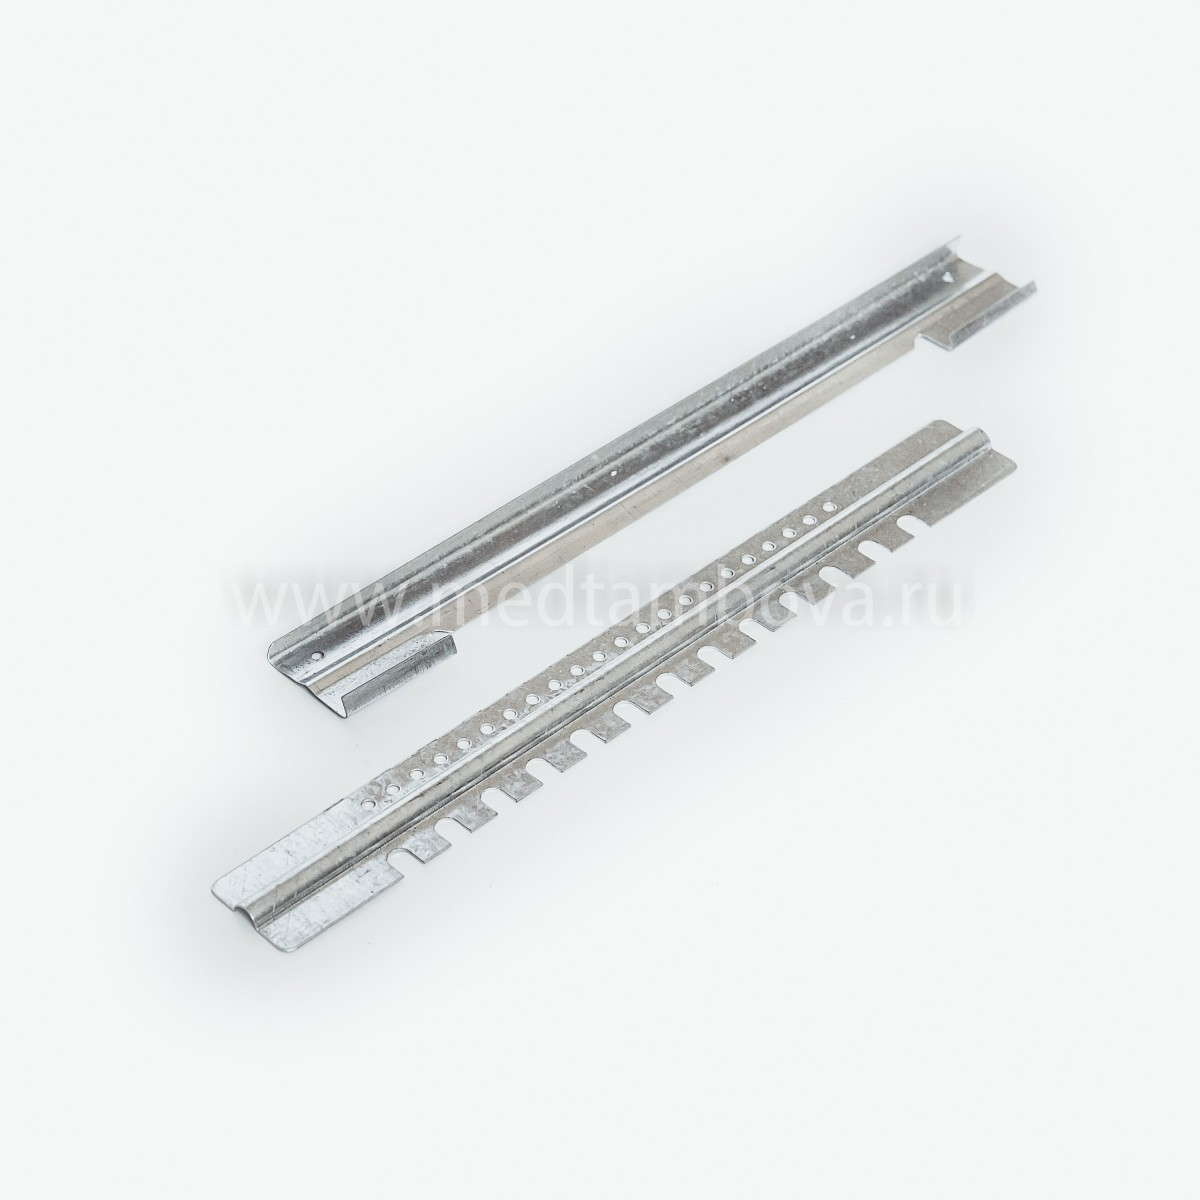 Летковый заградитель 2-Х элементный оцинкованный с отверстием 30*250